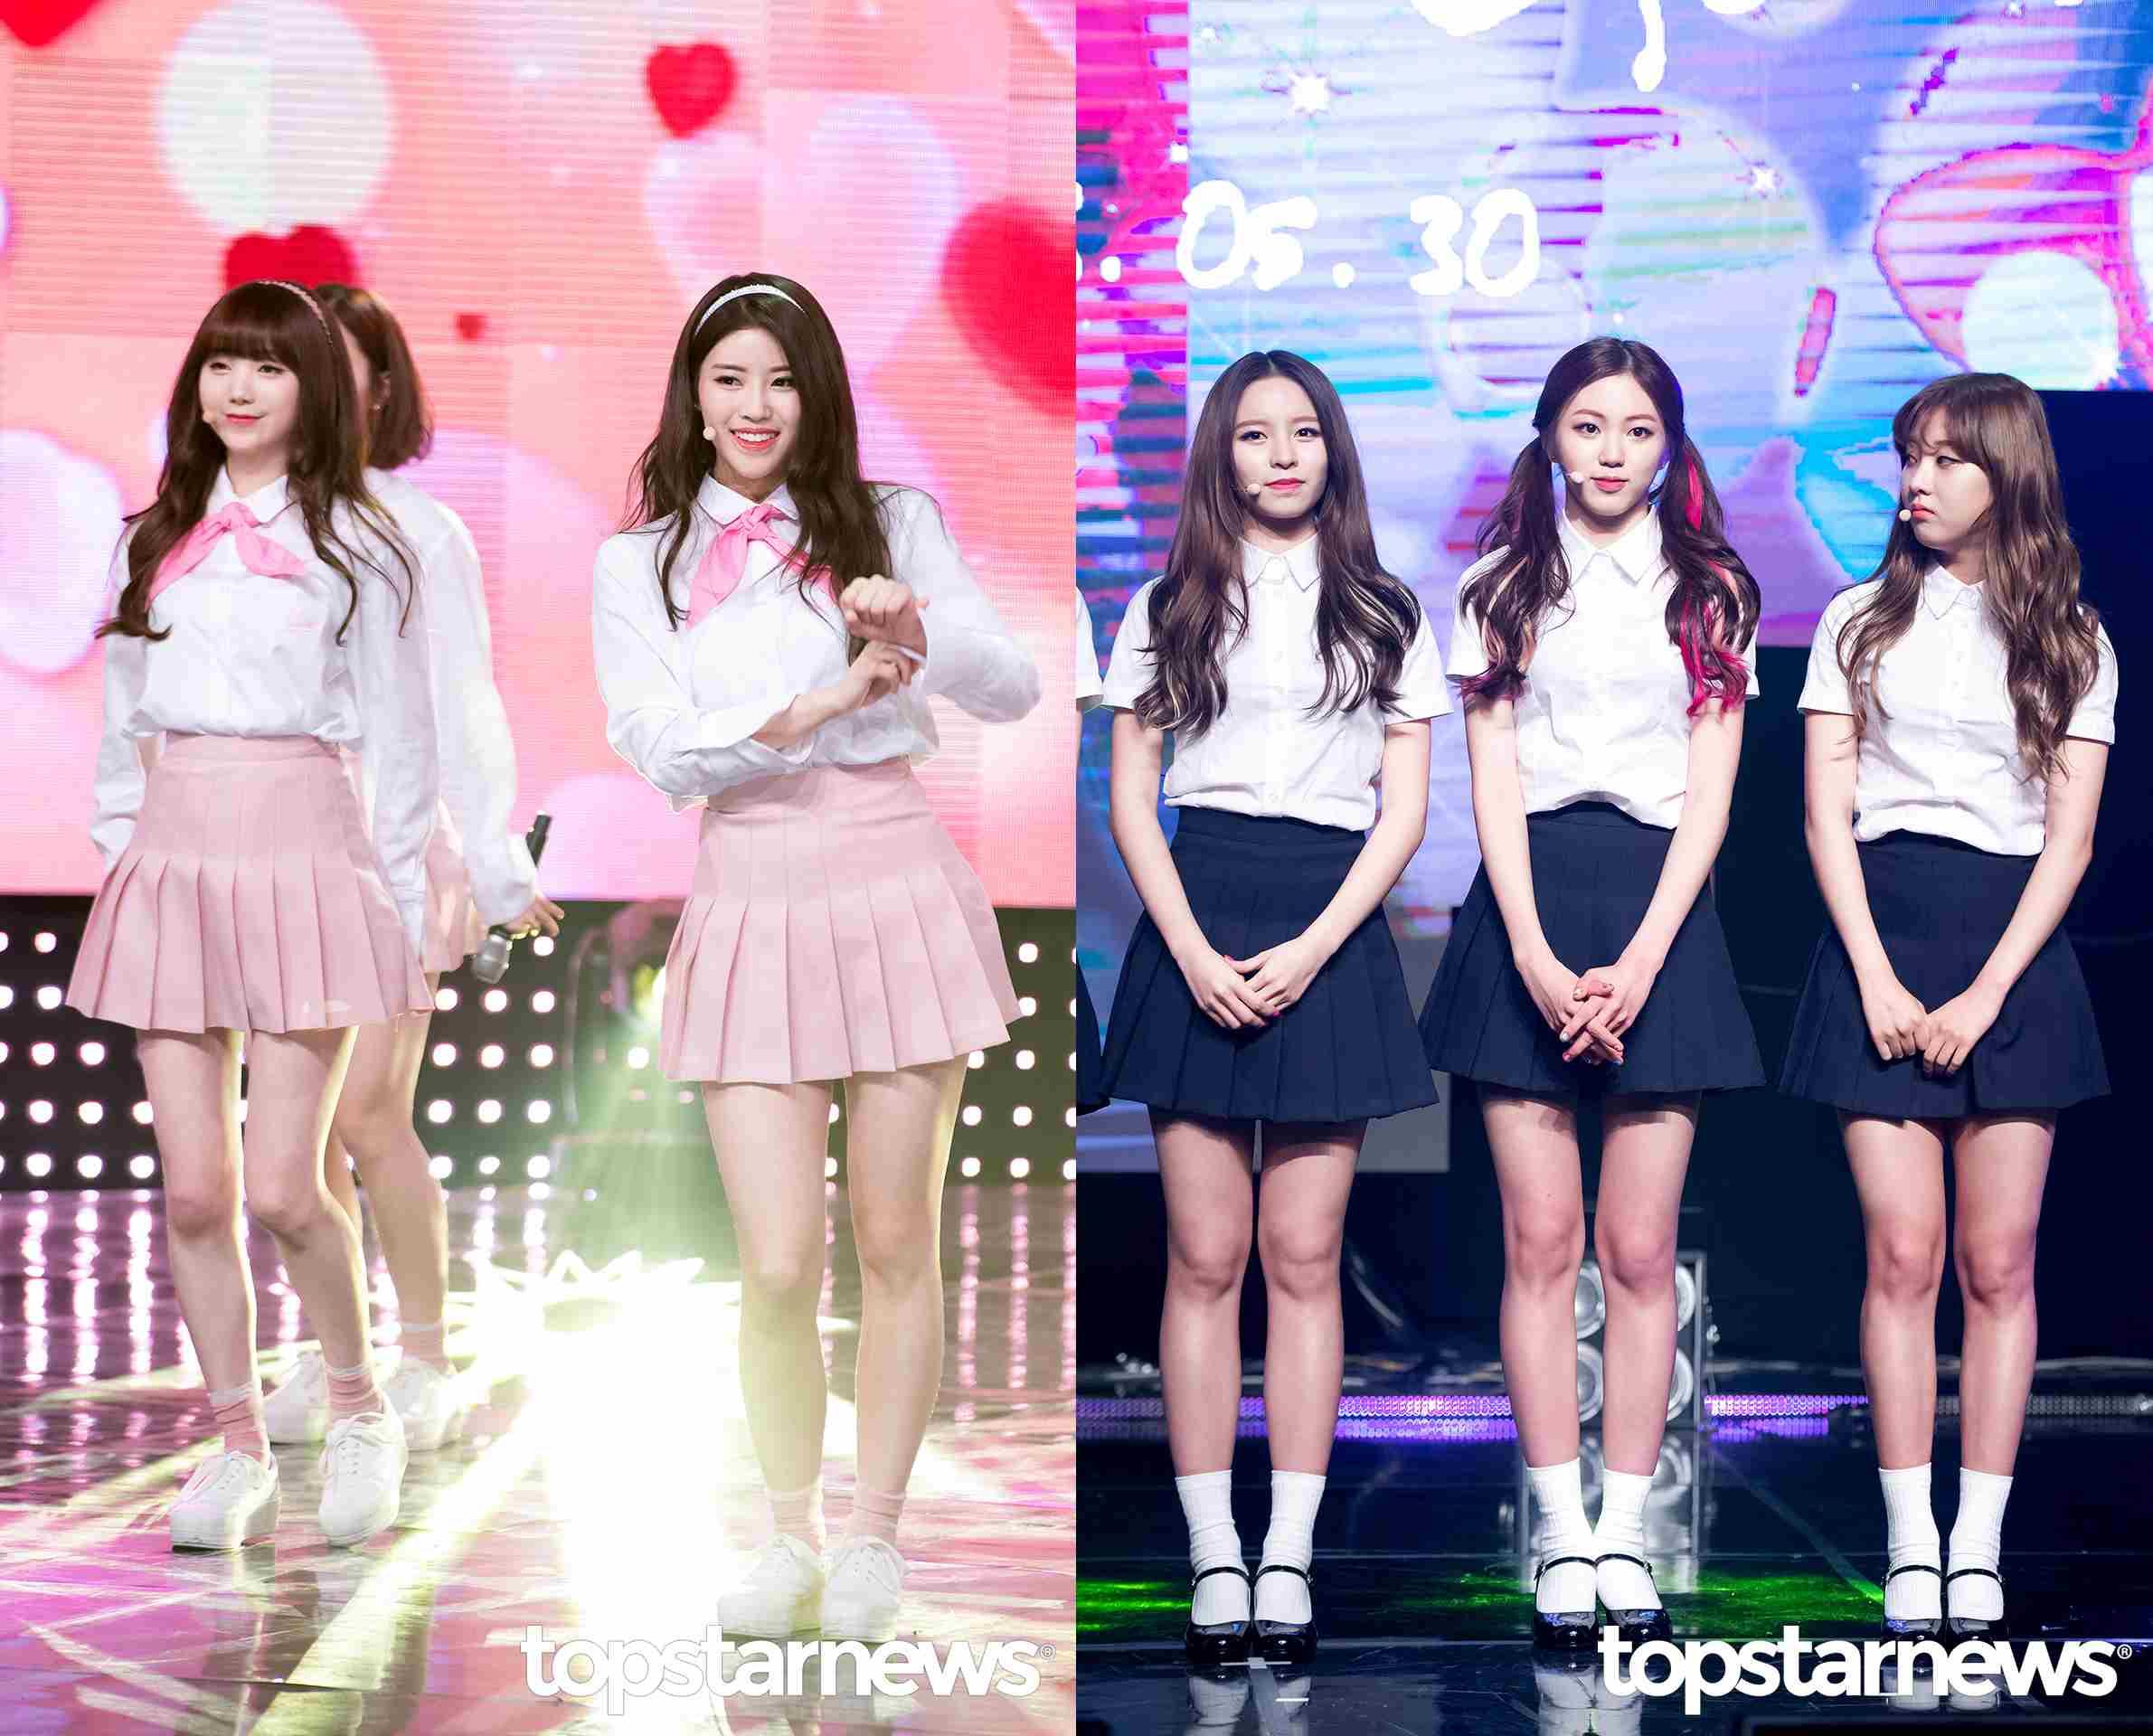 Style③網球裙 雖然說網球裙是韓國女高中生的校服裙,但韓妞會在假期把網球裙穿出不一樣的風格,比如比起校服裙走的暗色系,可以選一些更適合夏天的亮色系,嫩粉色、薄荷綠都很適合,或者脫下球鞋,換上一雙瑪麗珍吧!